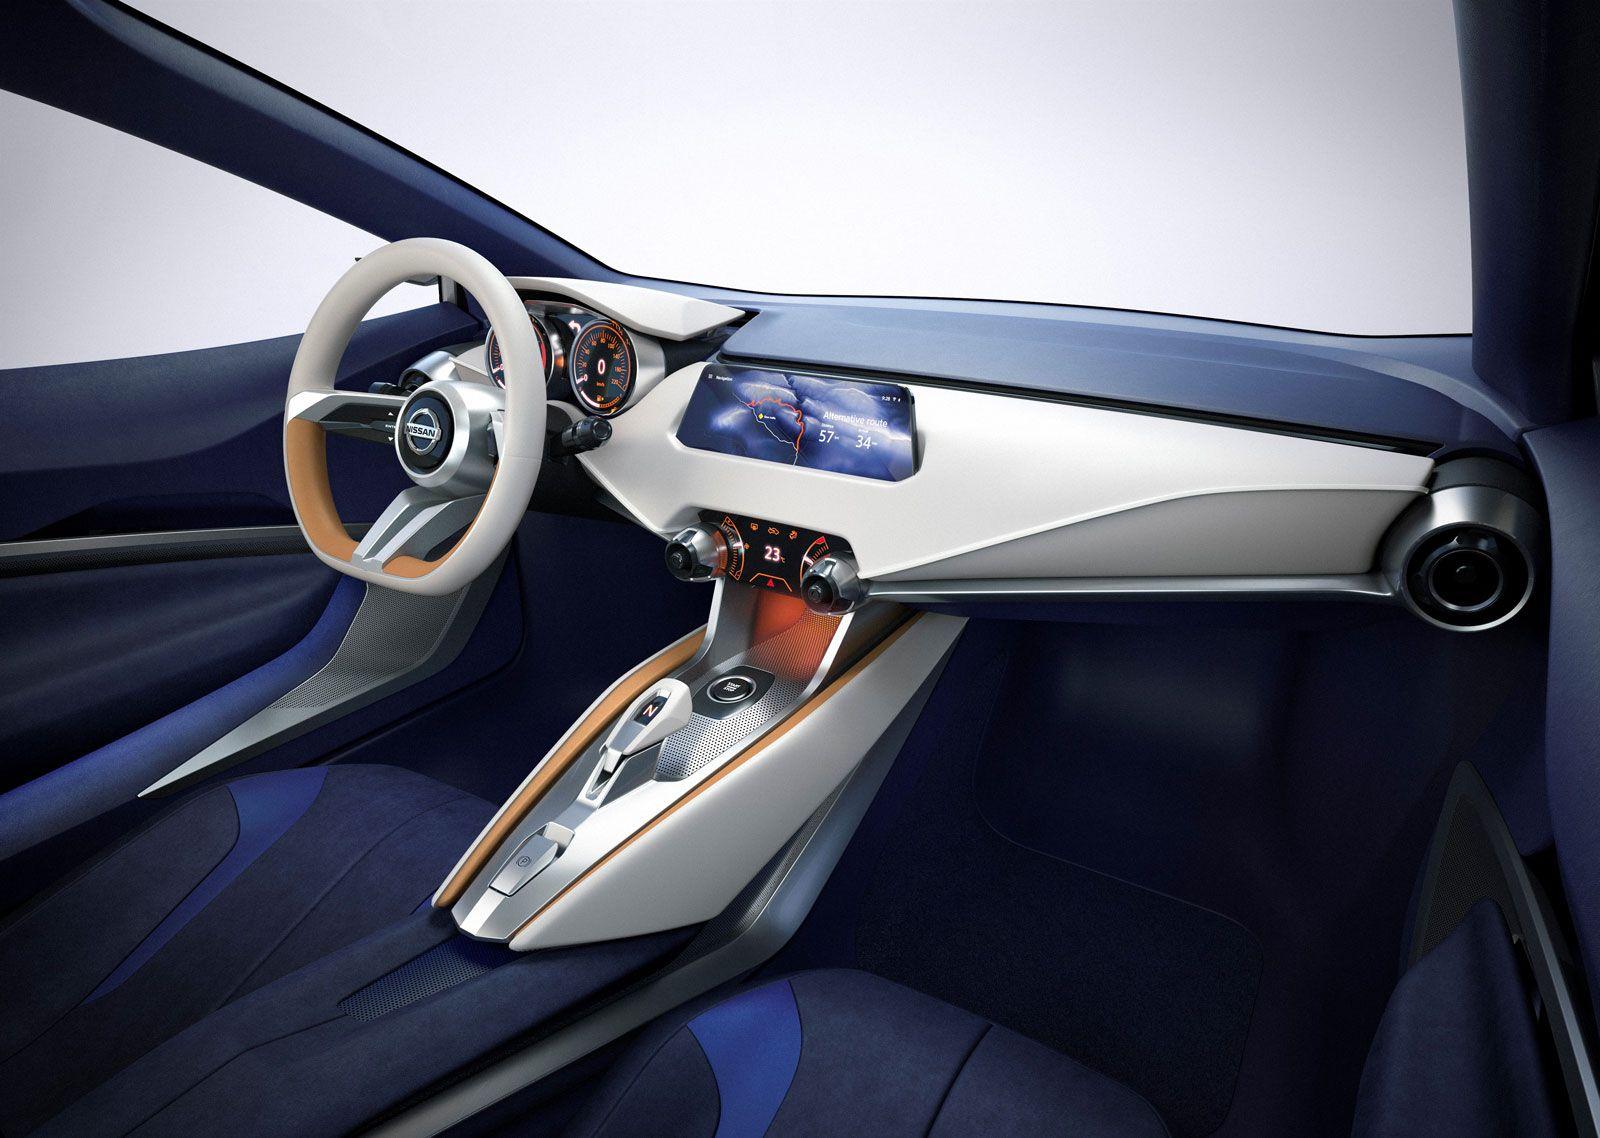 Nissan Sway Concept Car Interior Design Hatchback Cars